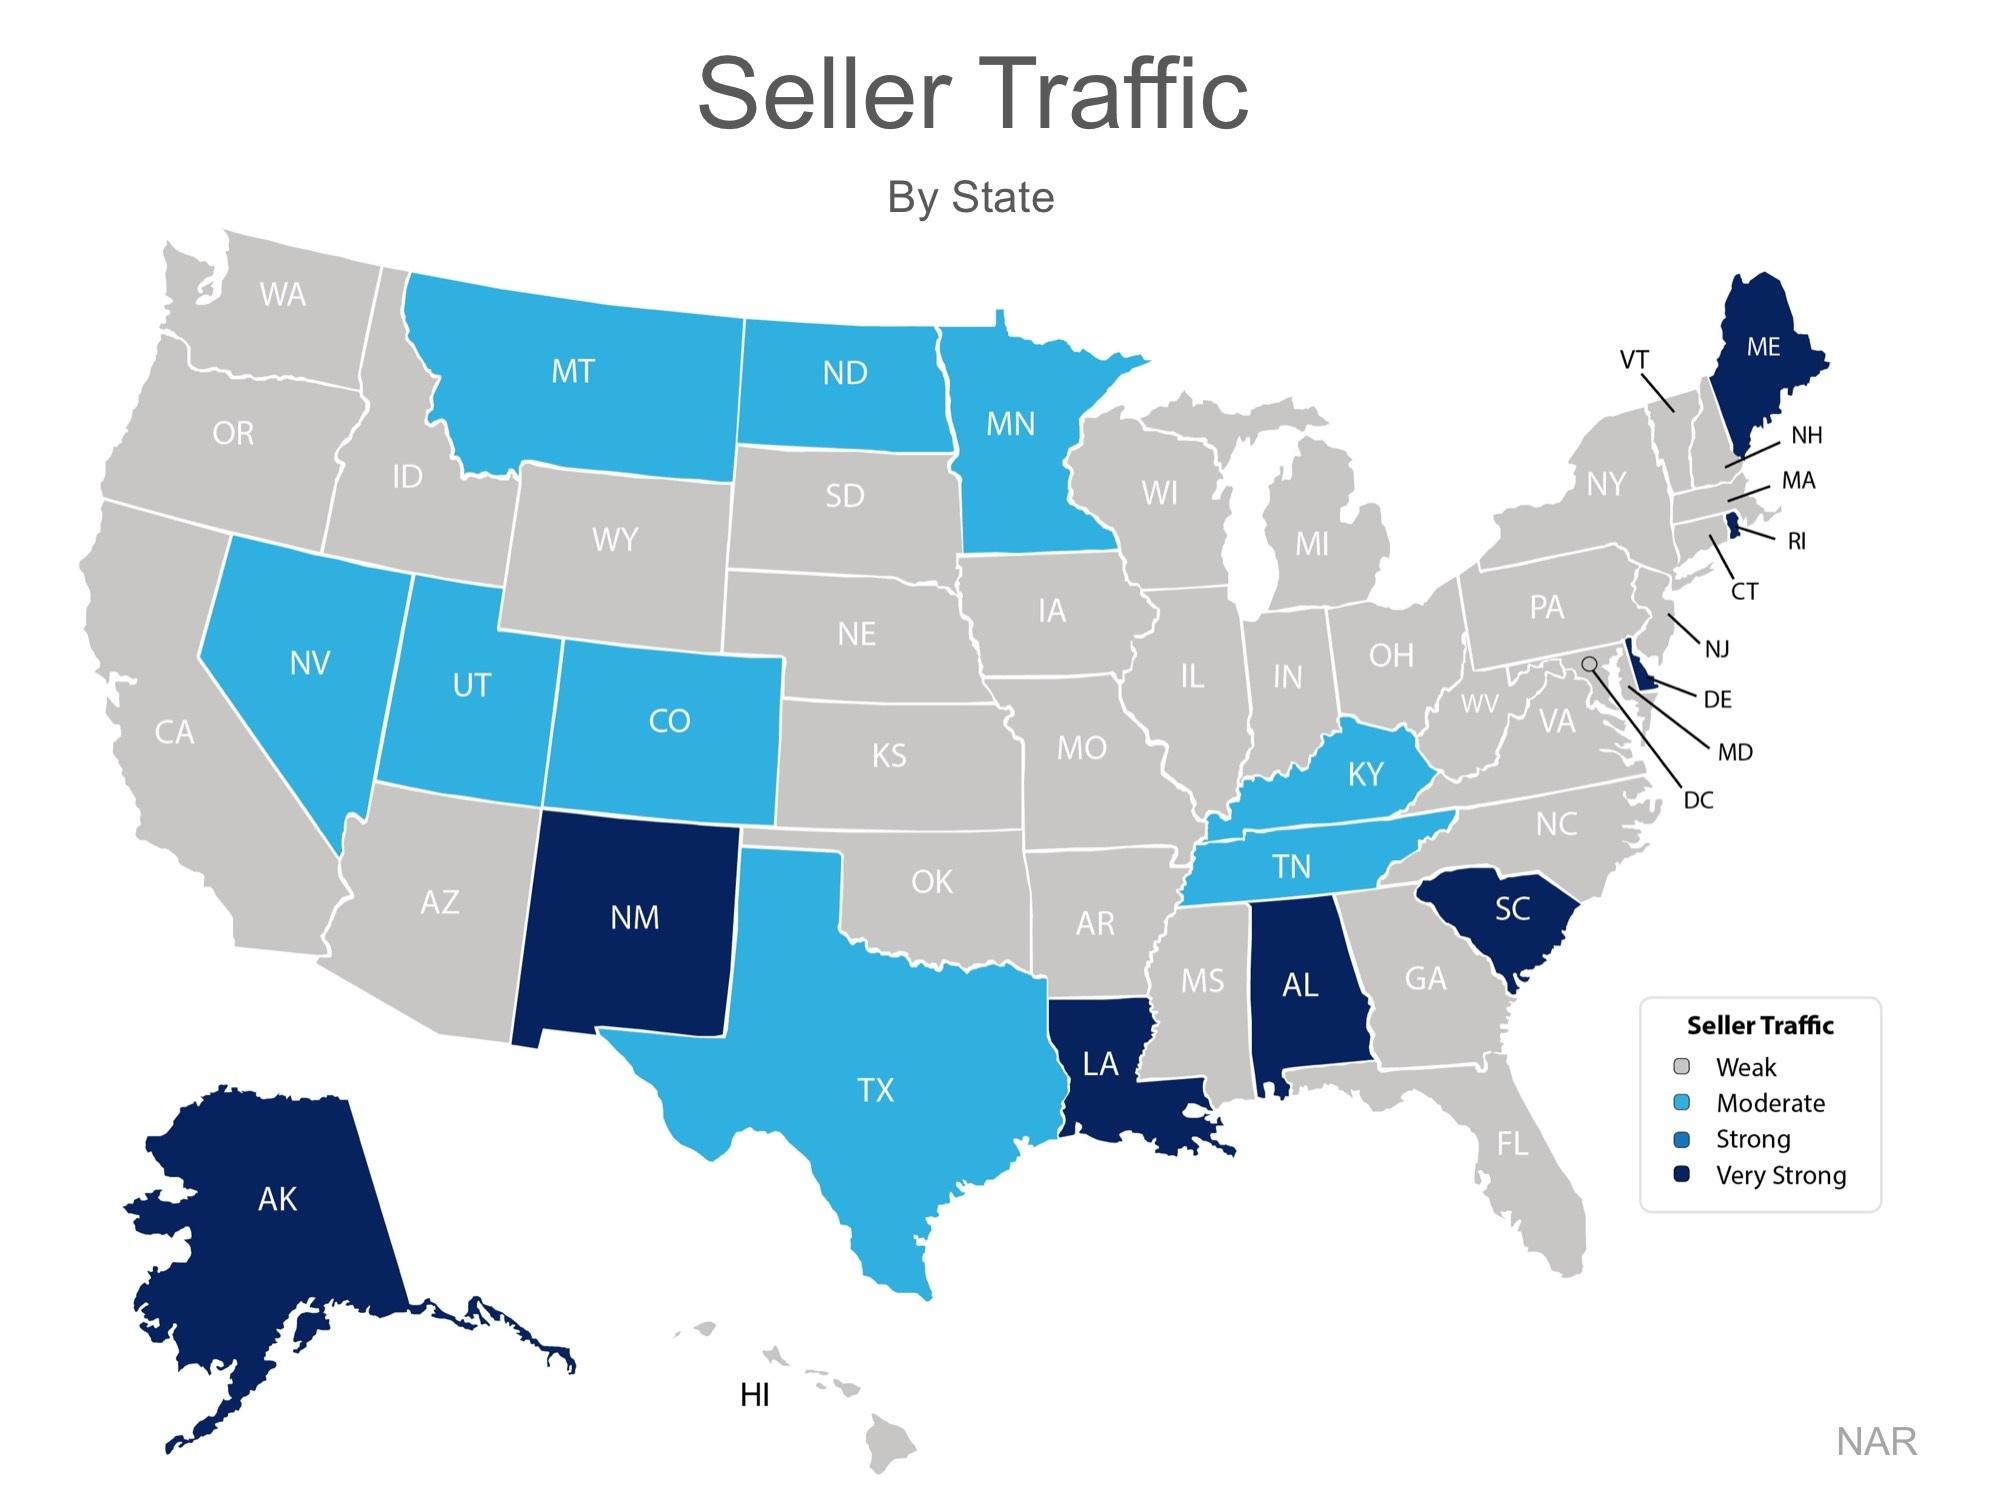 20161004-Seller-Traffic-STM